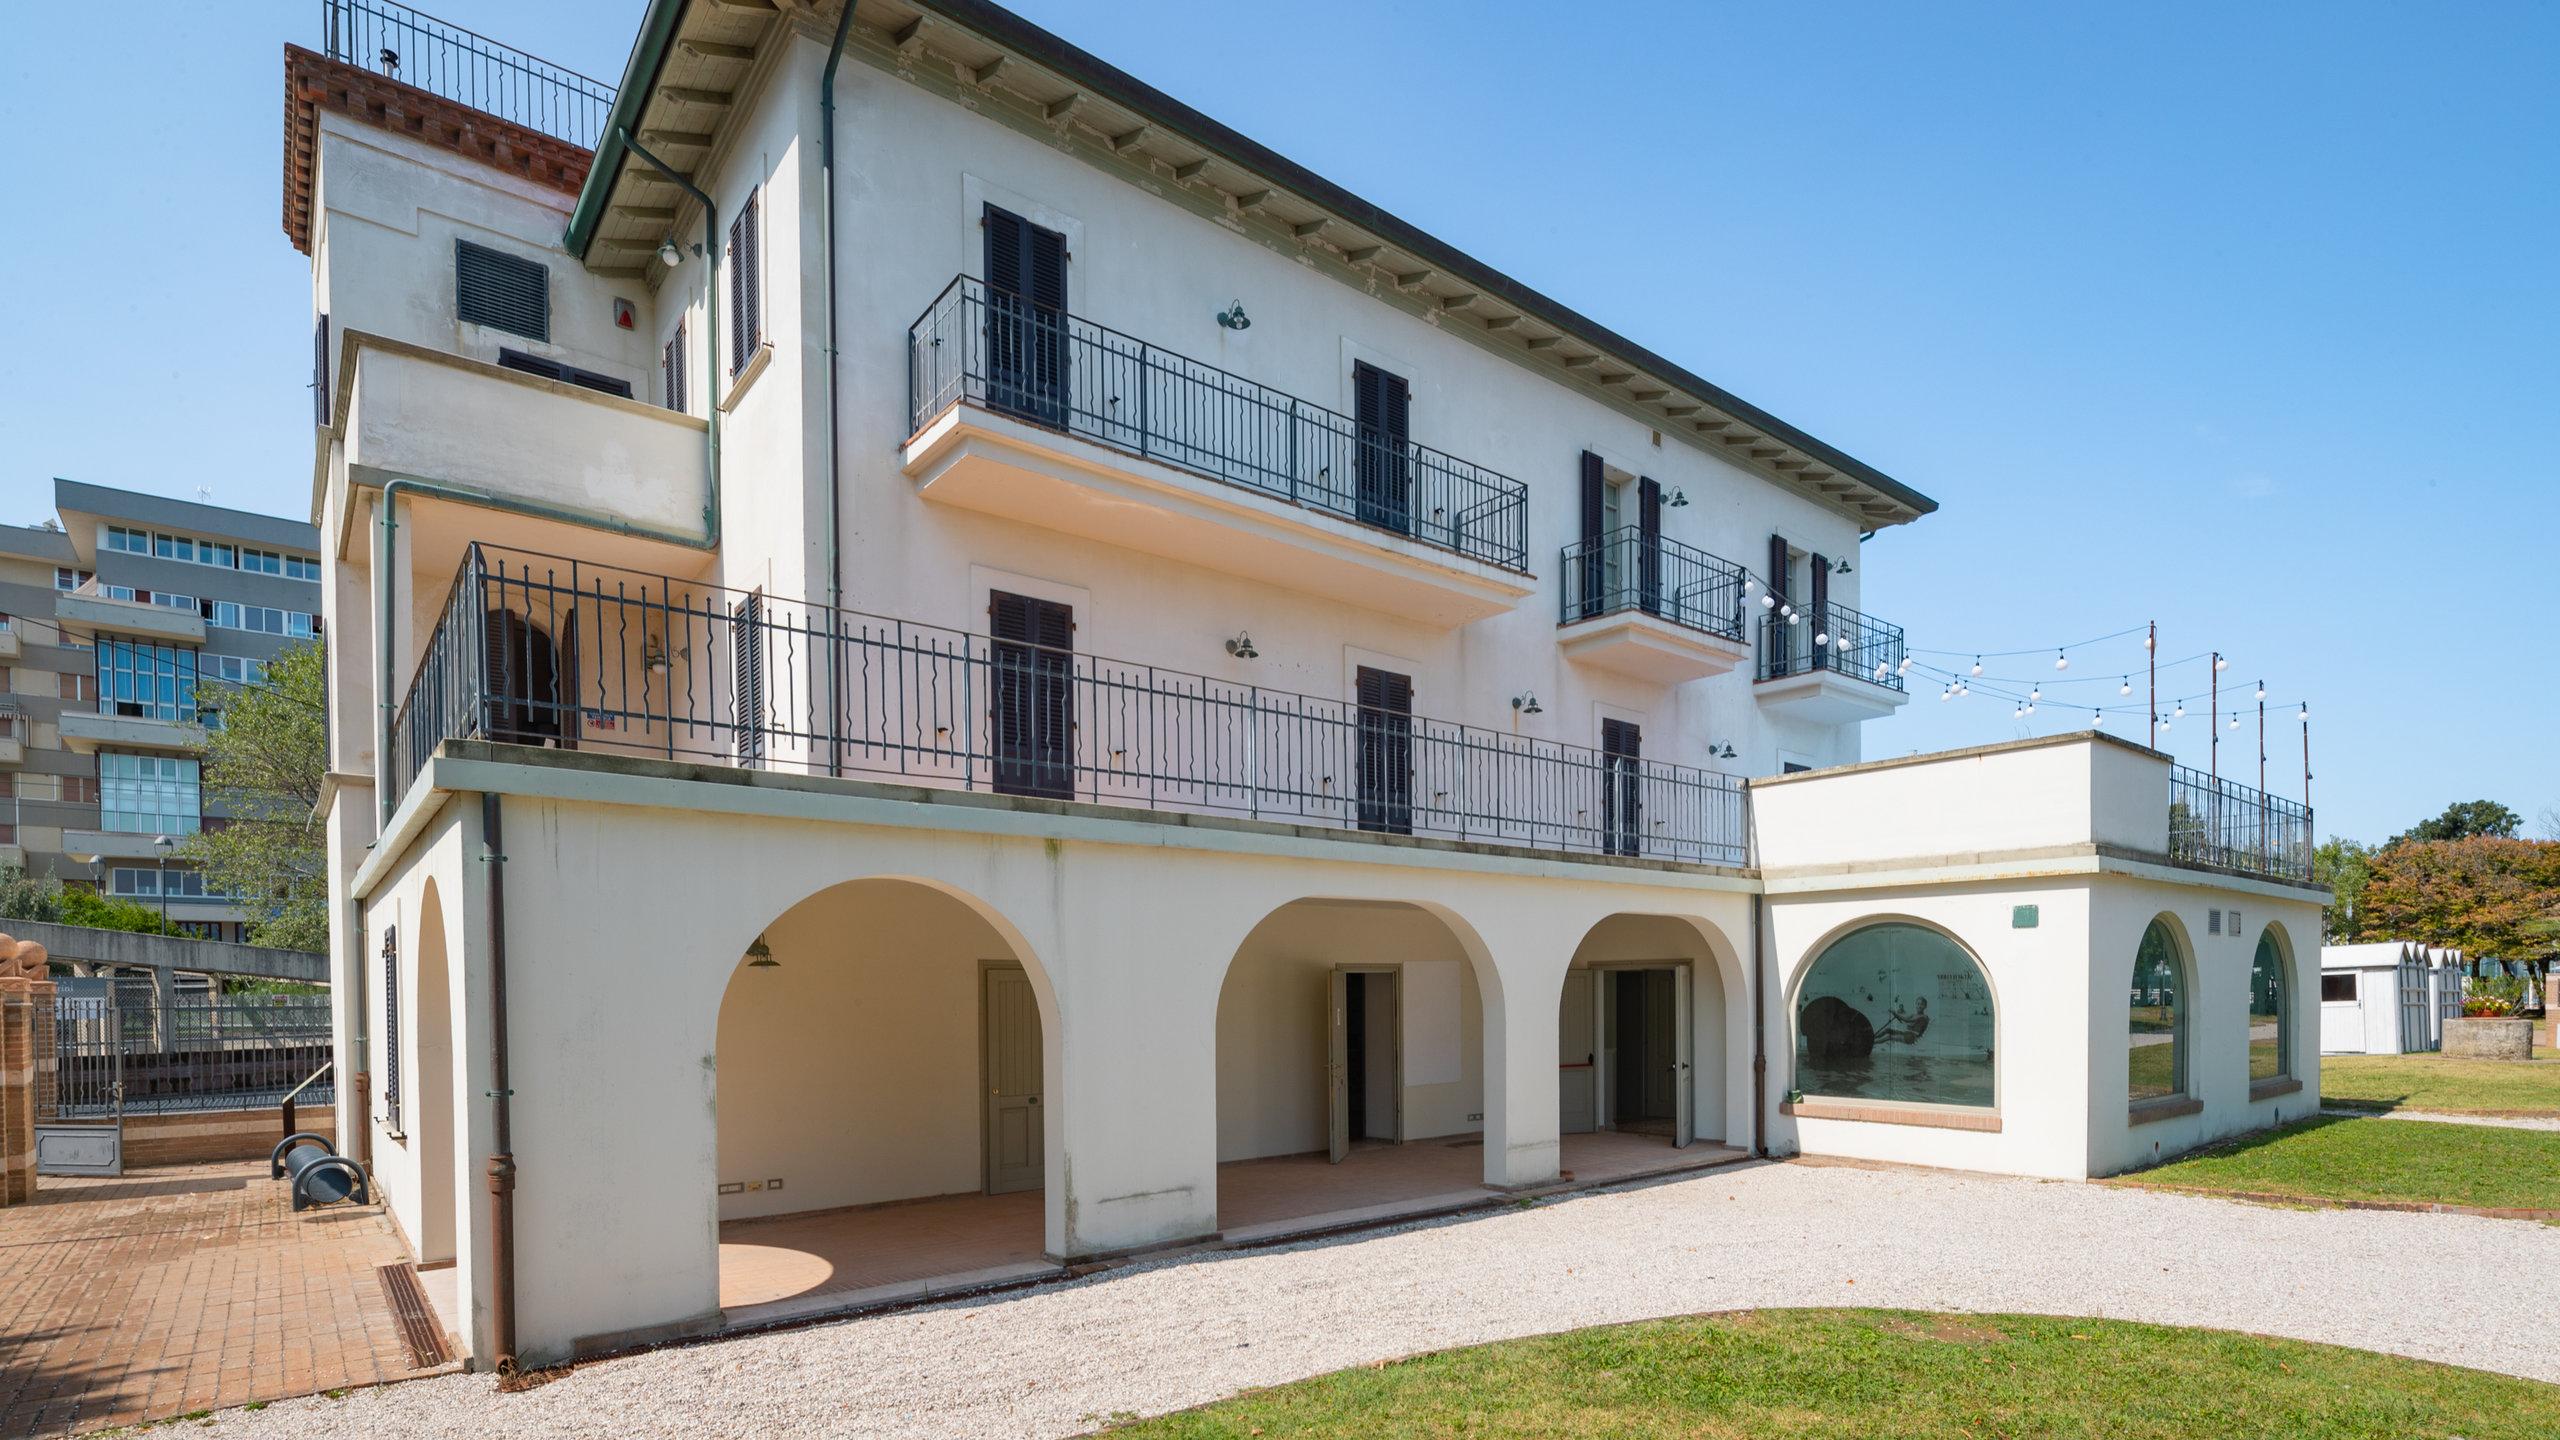 Scoprite di più sulla vita privata di un potente dittatore visitando questa villa, un tempo residenza estiva di Benito Mussolini.